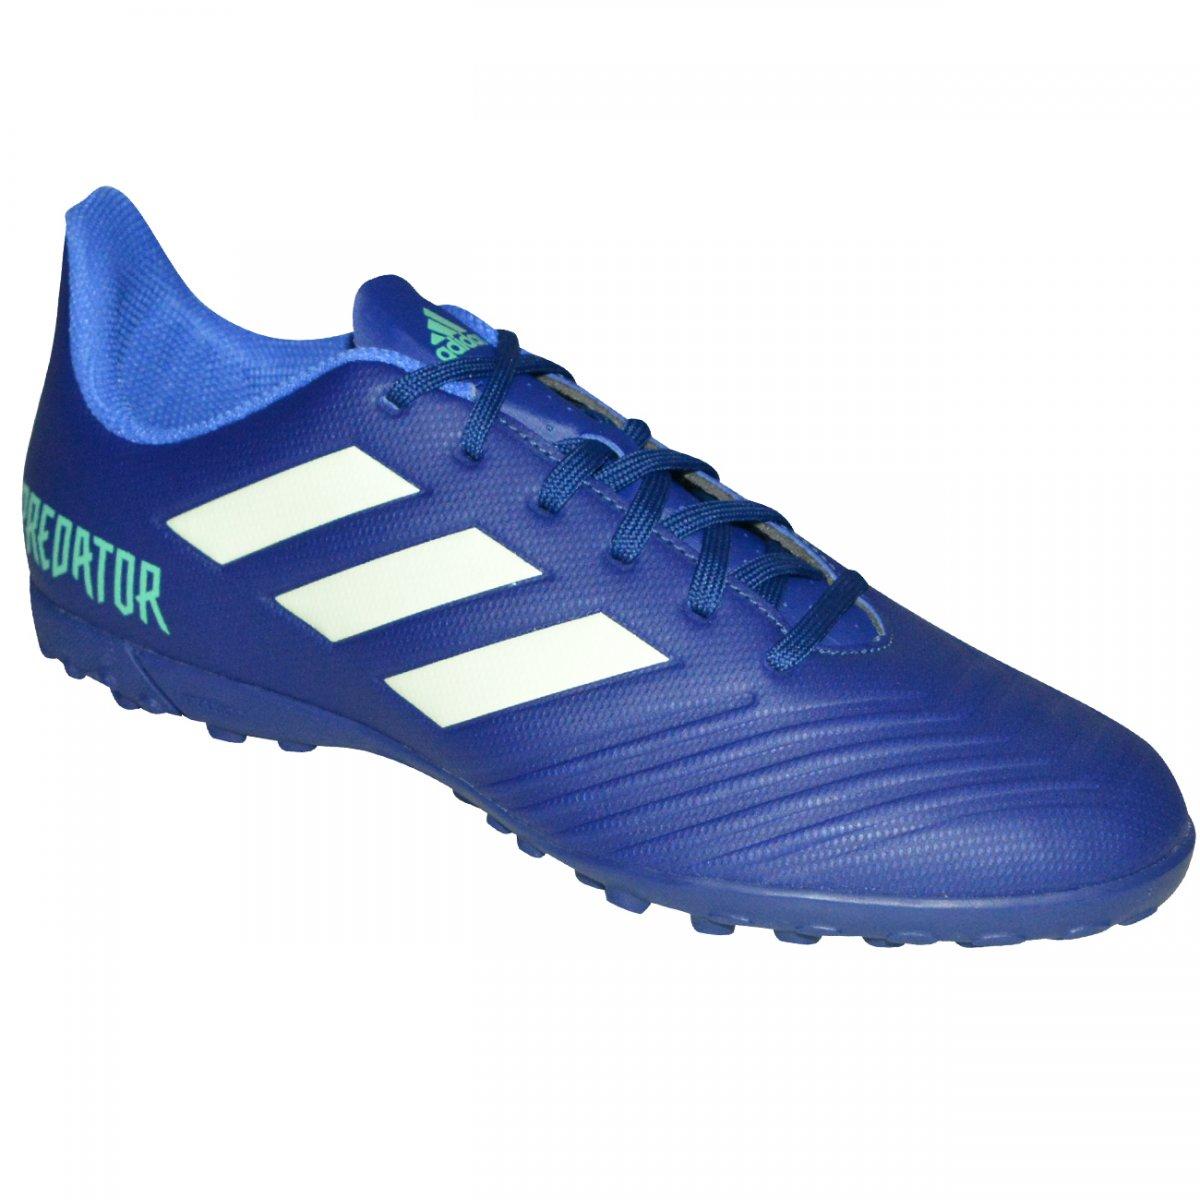 Chuteira Society Adidas Predator Tango 18.4 CP9274 - Marinho branco -  Chuteira Nike db0457a45c83b